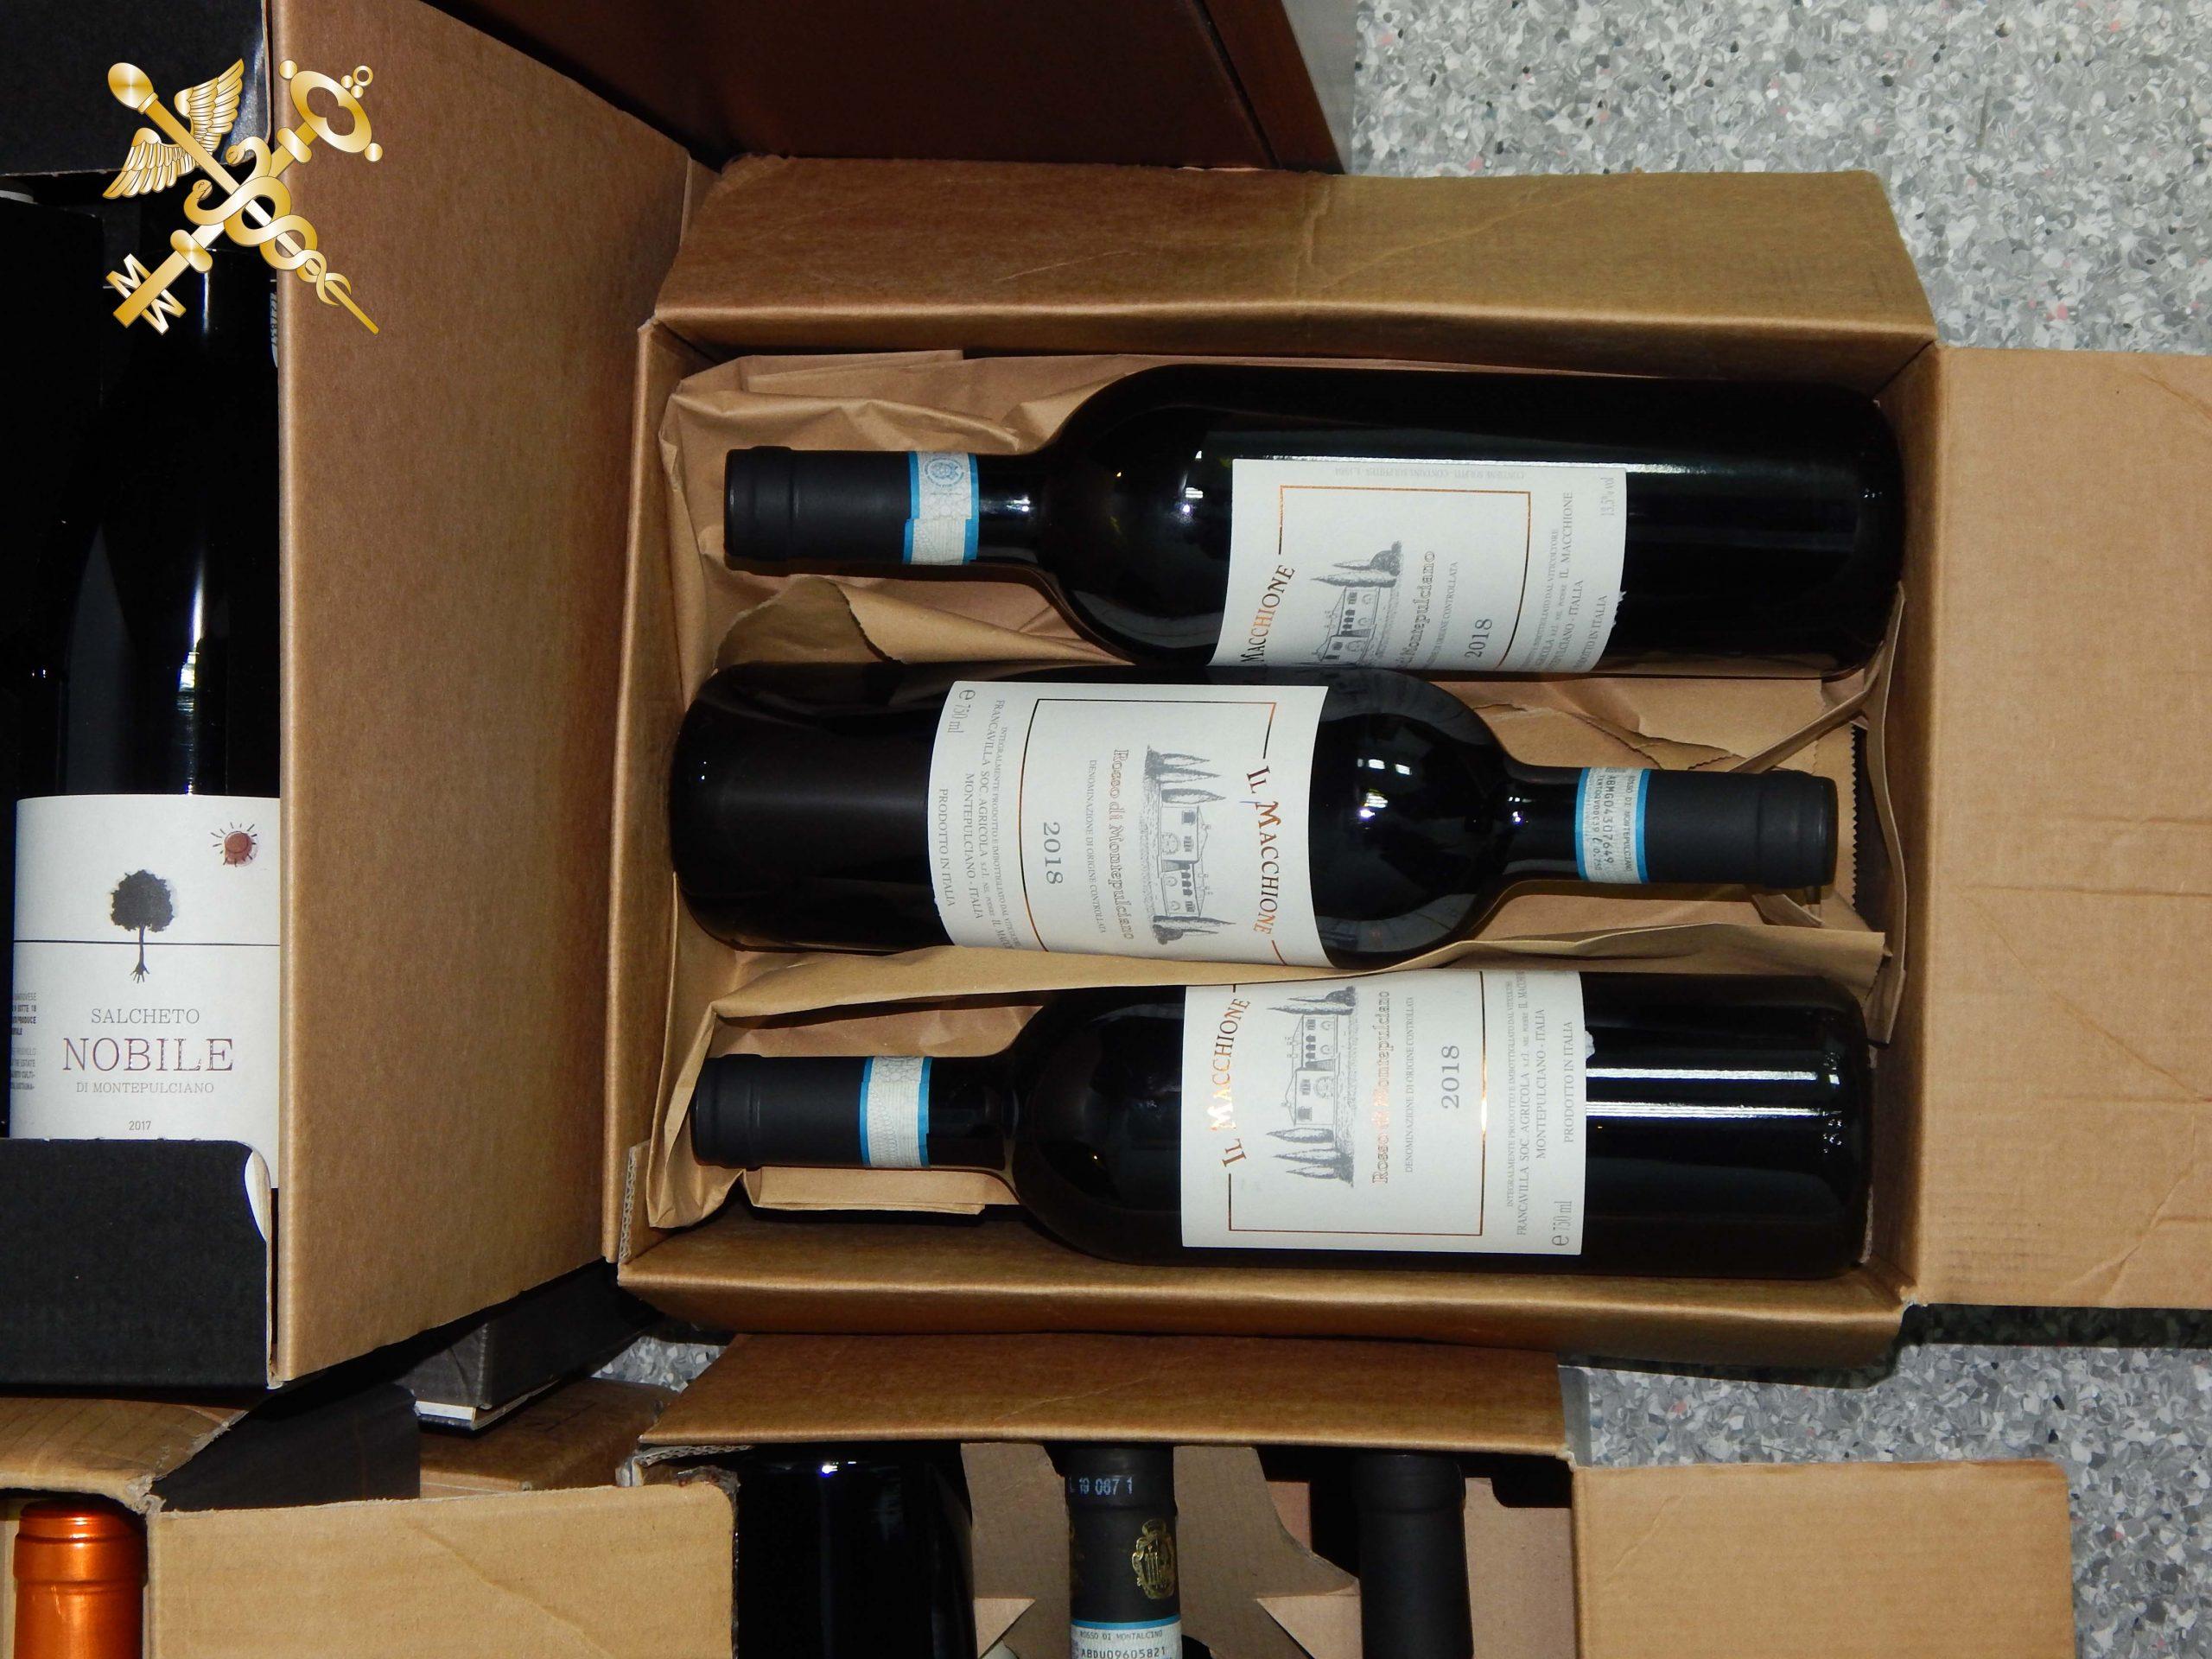 Витебская таможня пресекла незаконный ввоз 62 бутылок дорогого итальянского вина